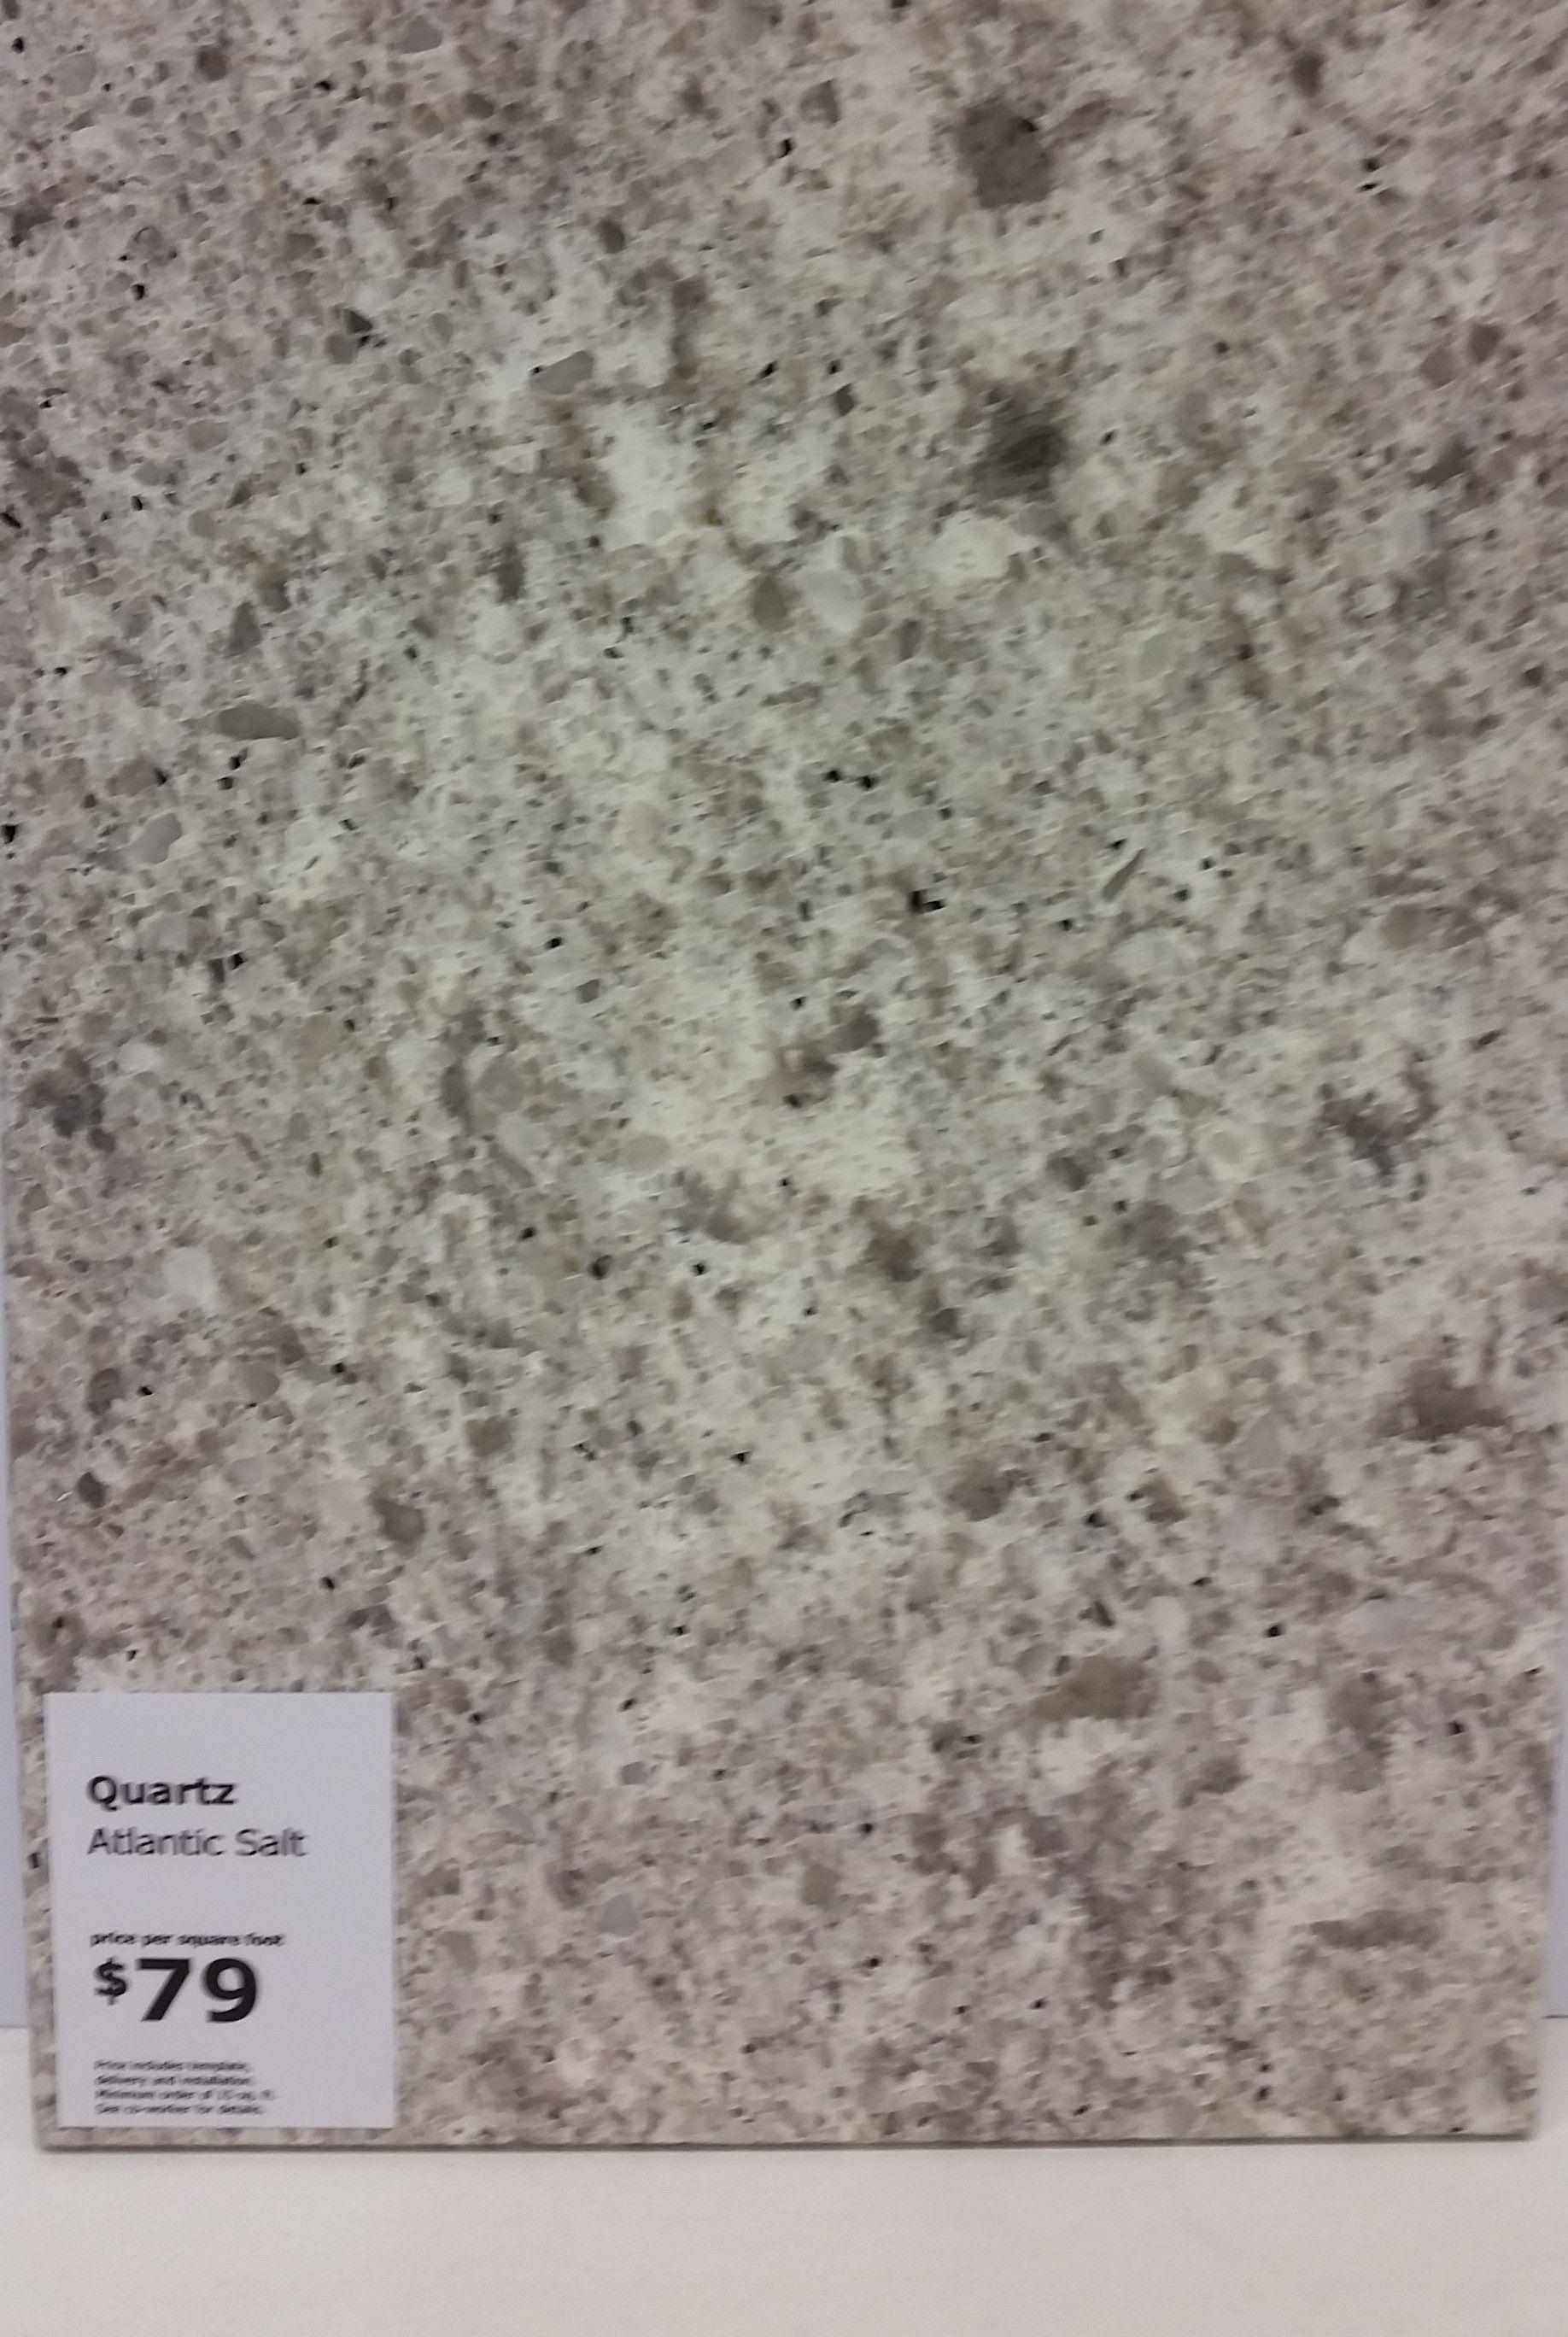 Ikea Atlantic Salt Quartz Countertop. Total Cost $79 Per Square Foot  (includes Professional Measuring